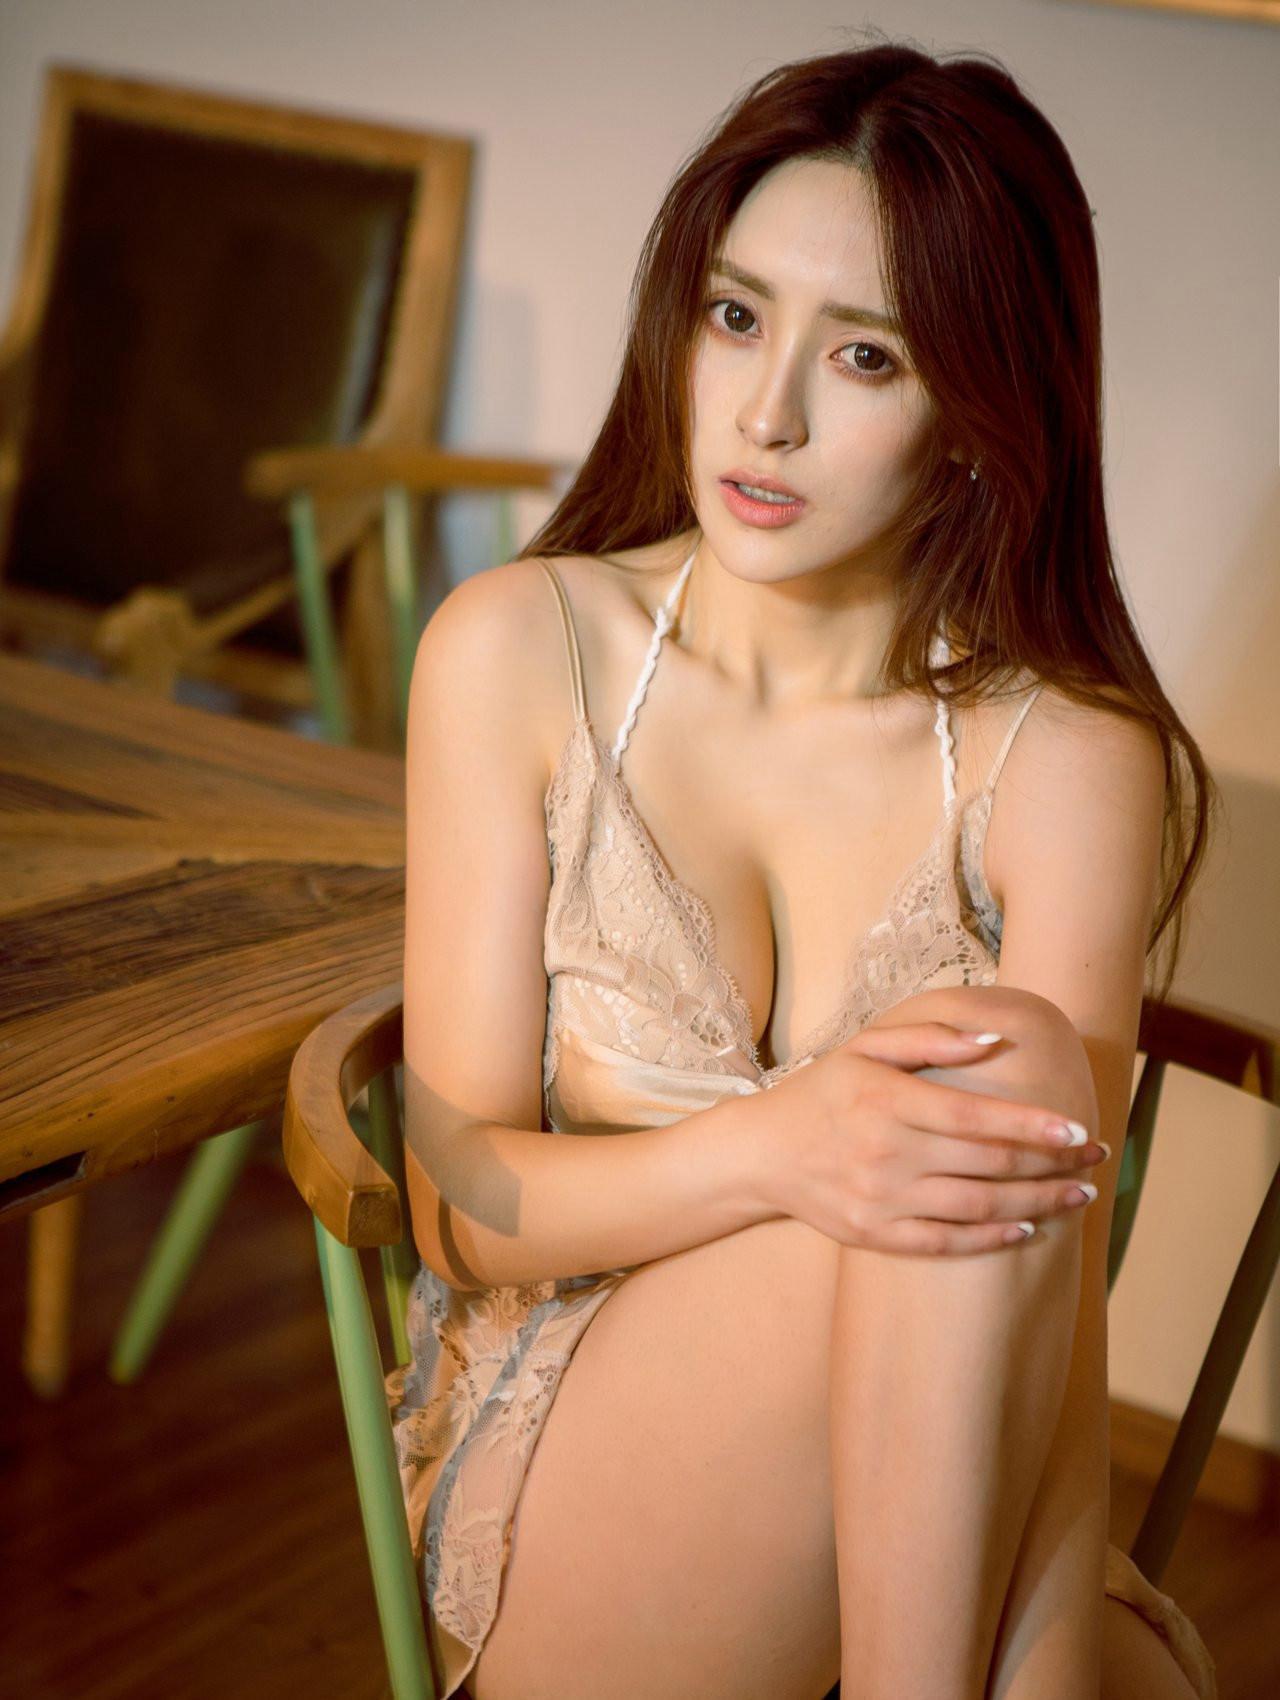 操大奶少妇�_性感少妇酥胸爆乳大奶激情丰满吊带睡衣撩人